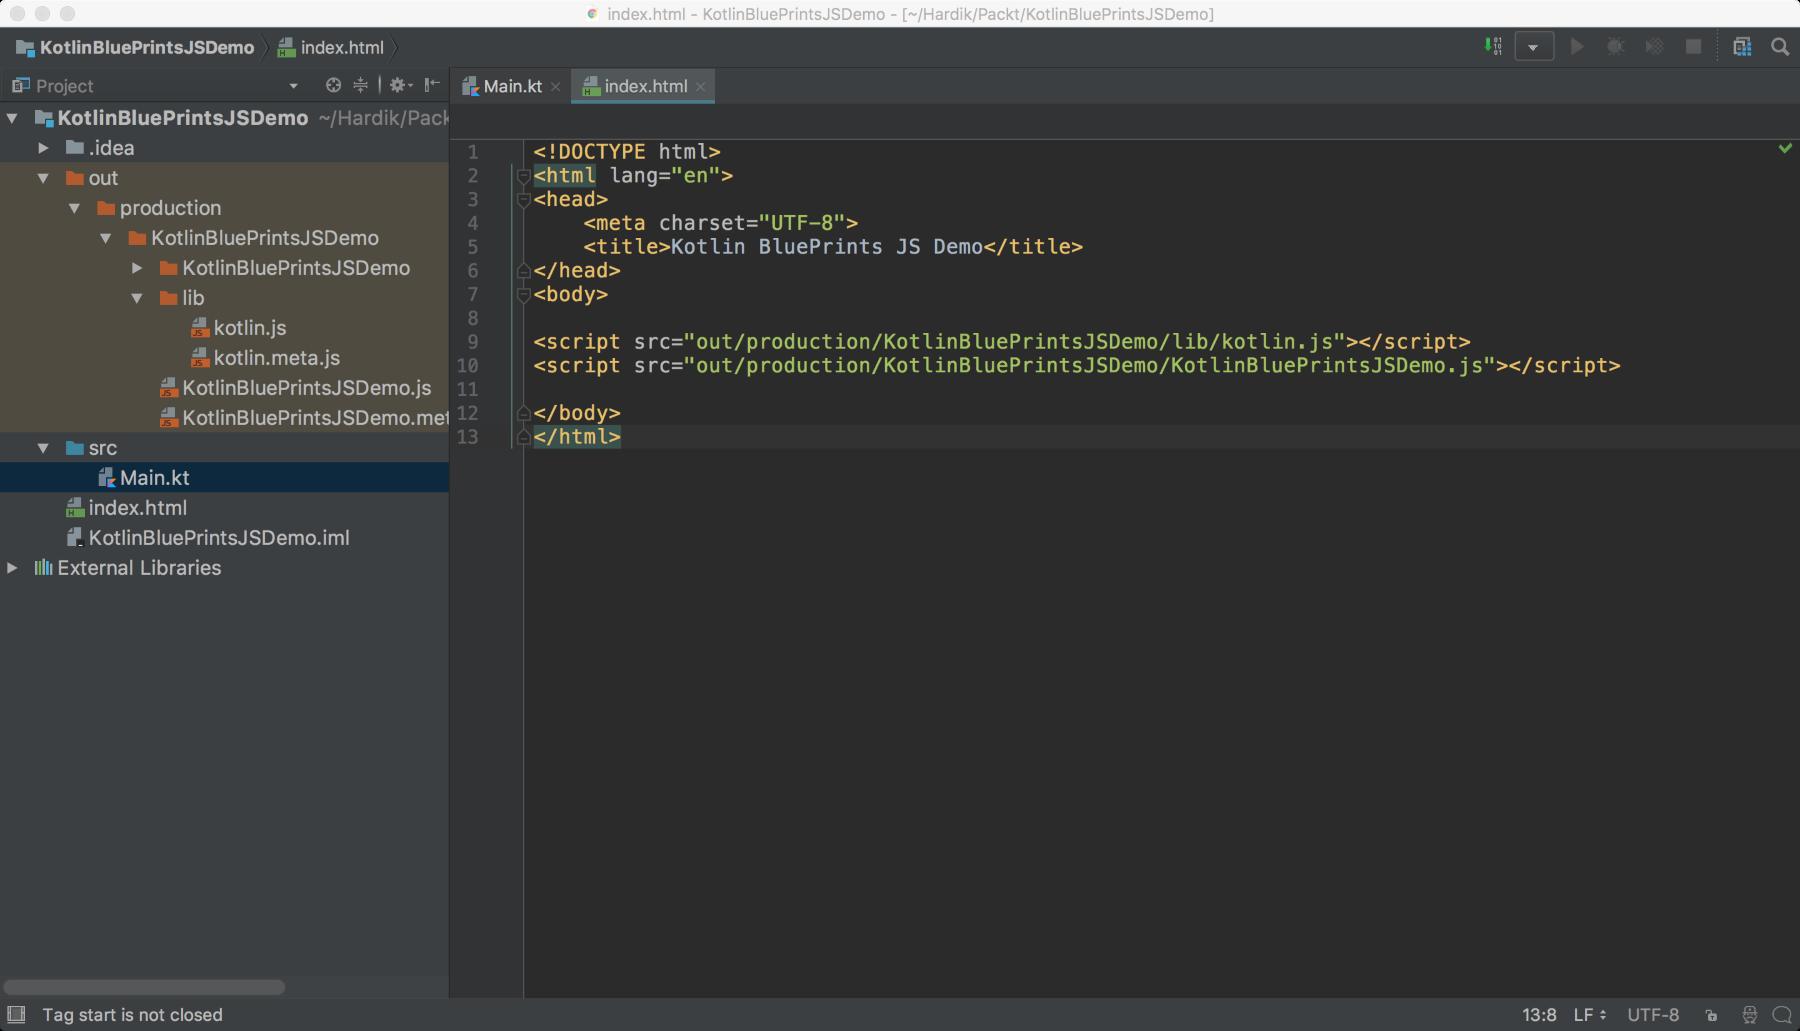 build project menu options